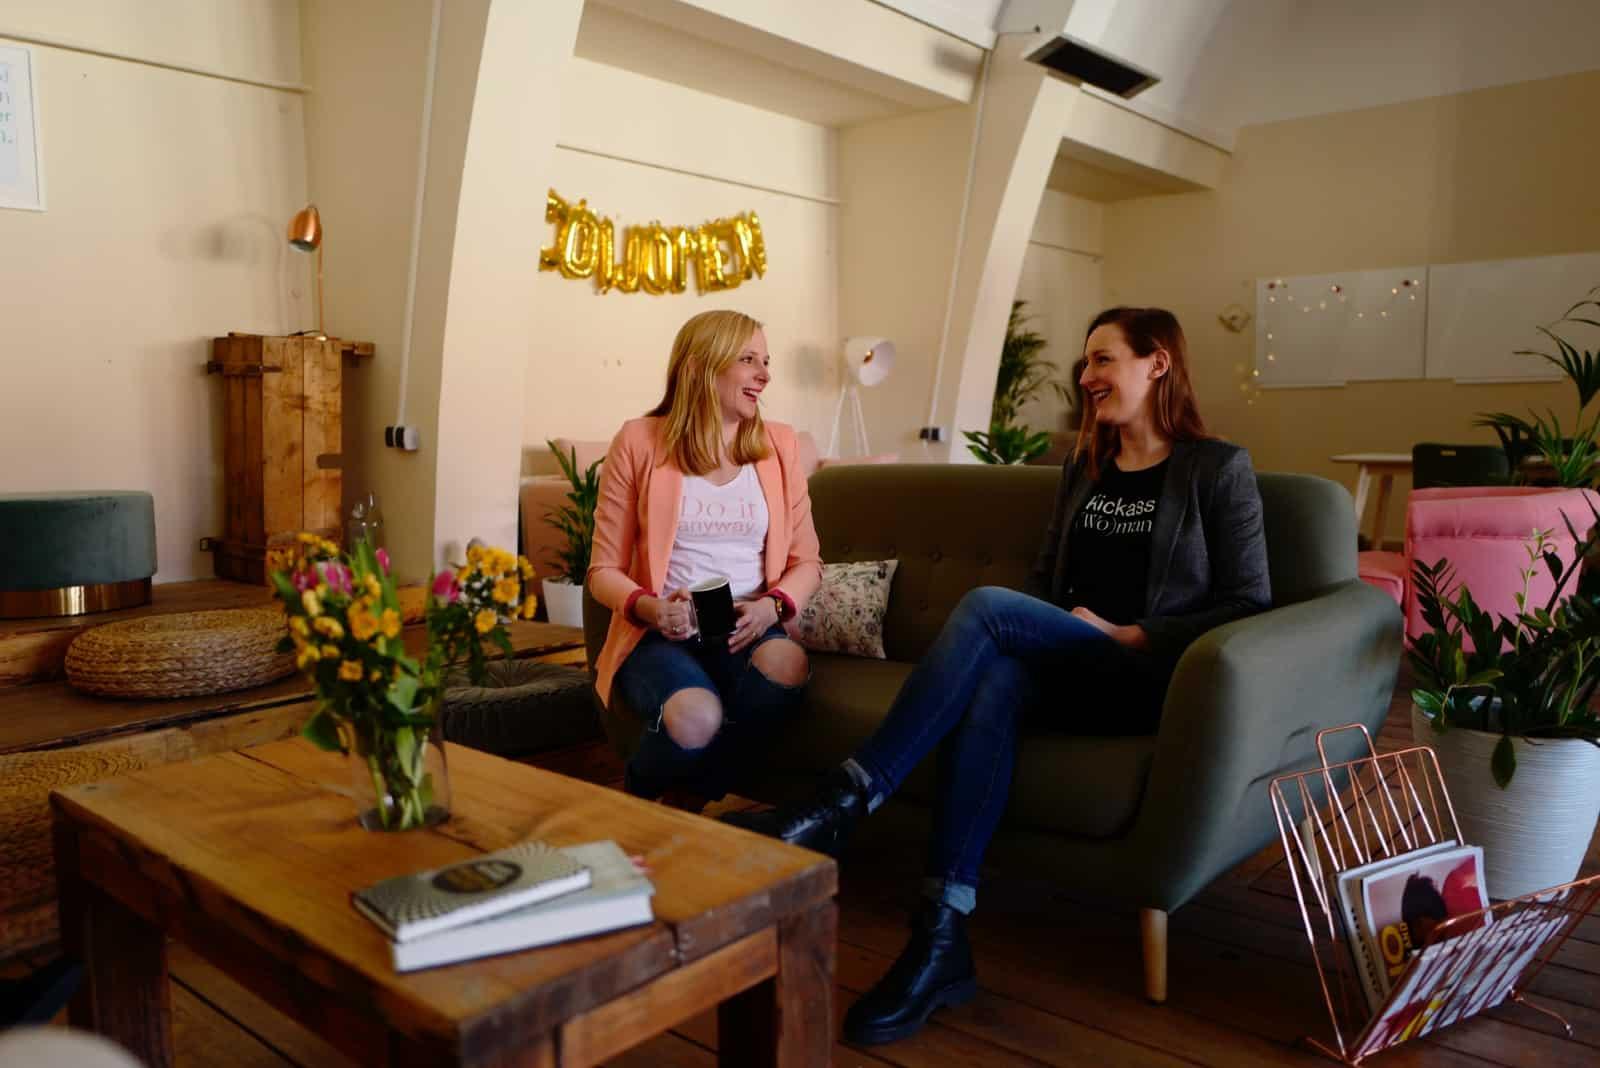 deux femmes sourient en s'asseyant sur un canapé